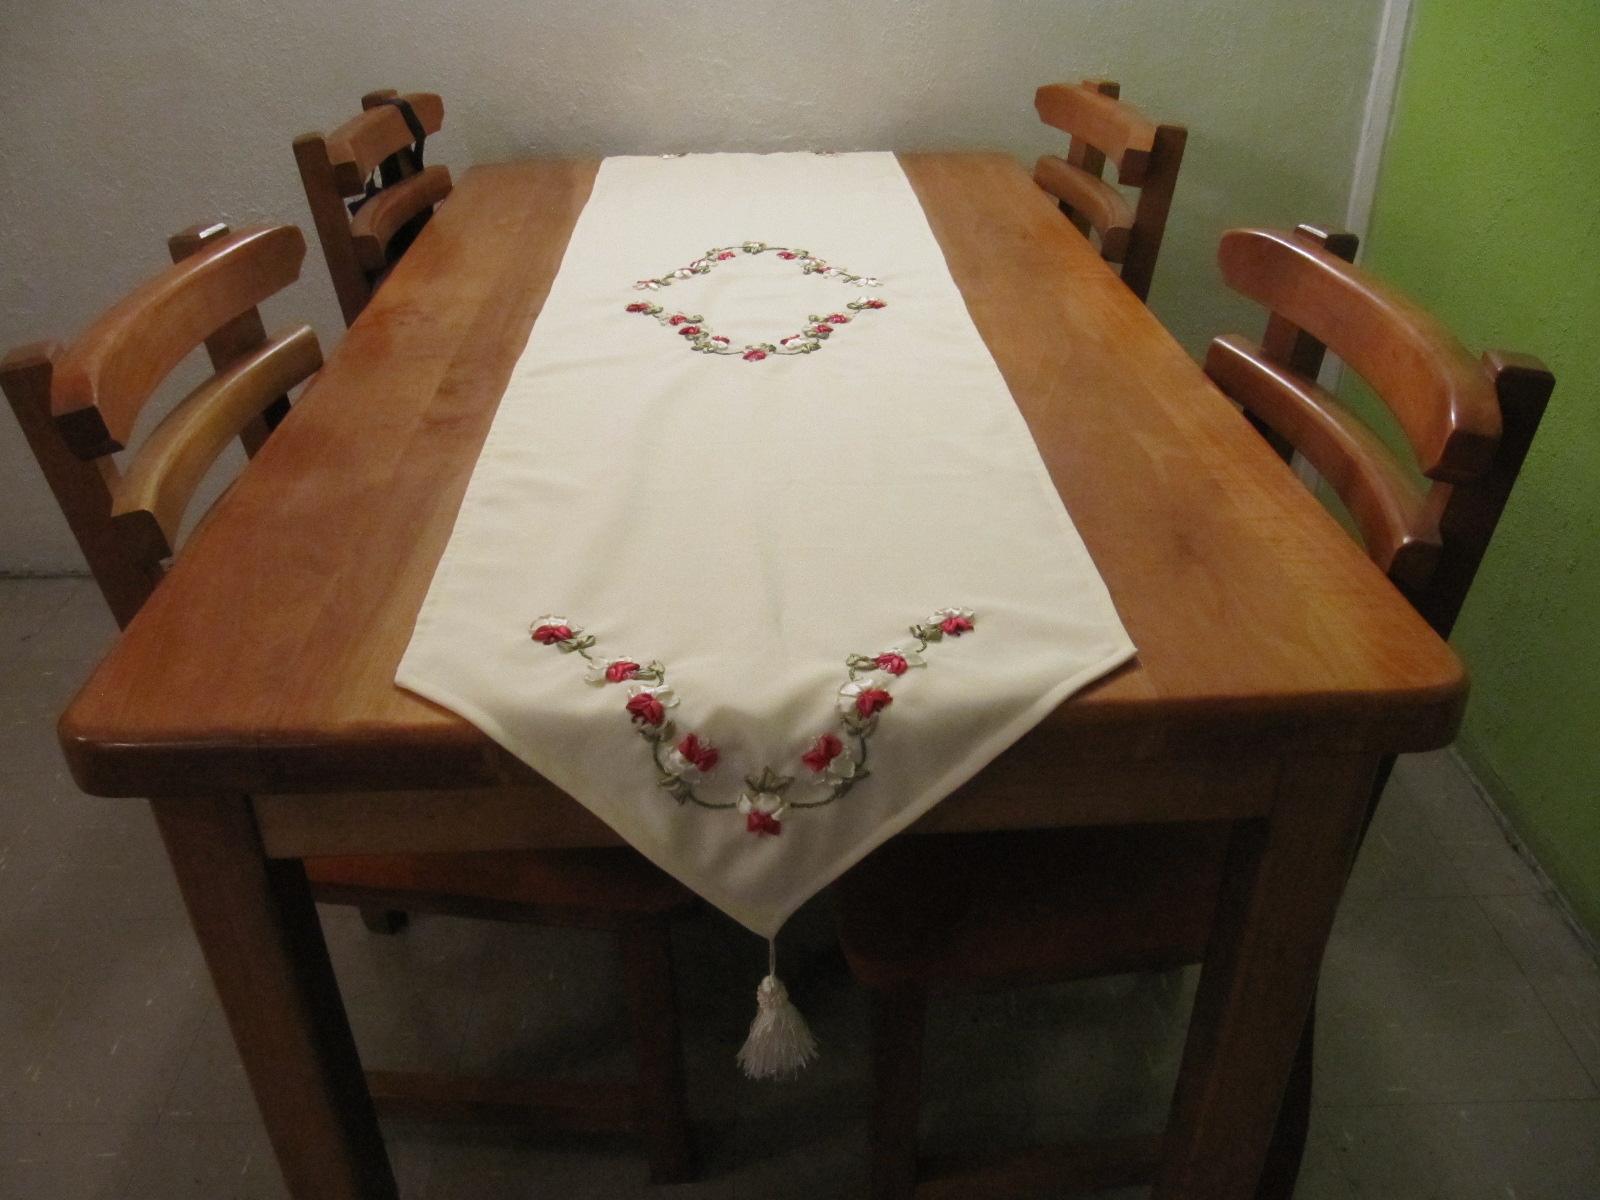 Bordados esmeralda camino de mesa for Caminos para mesas